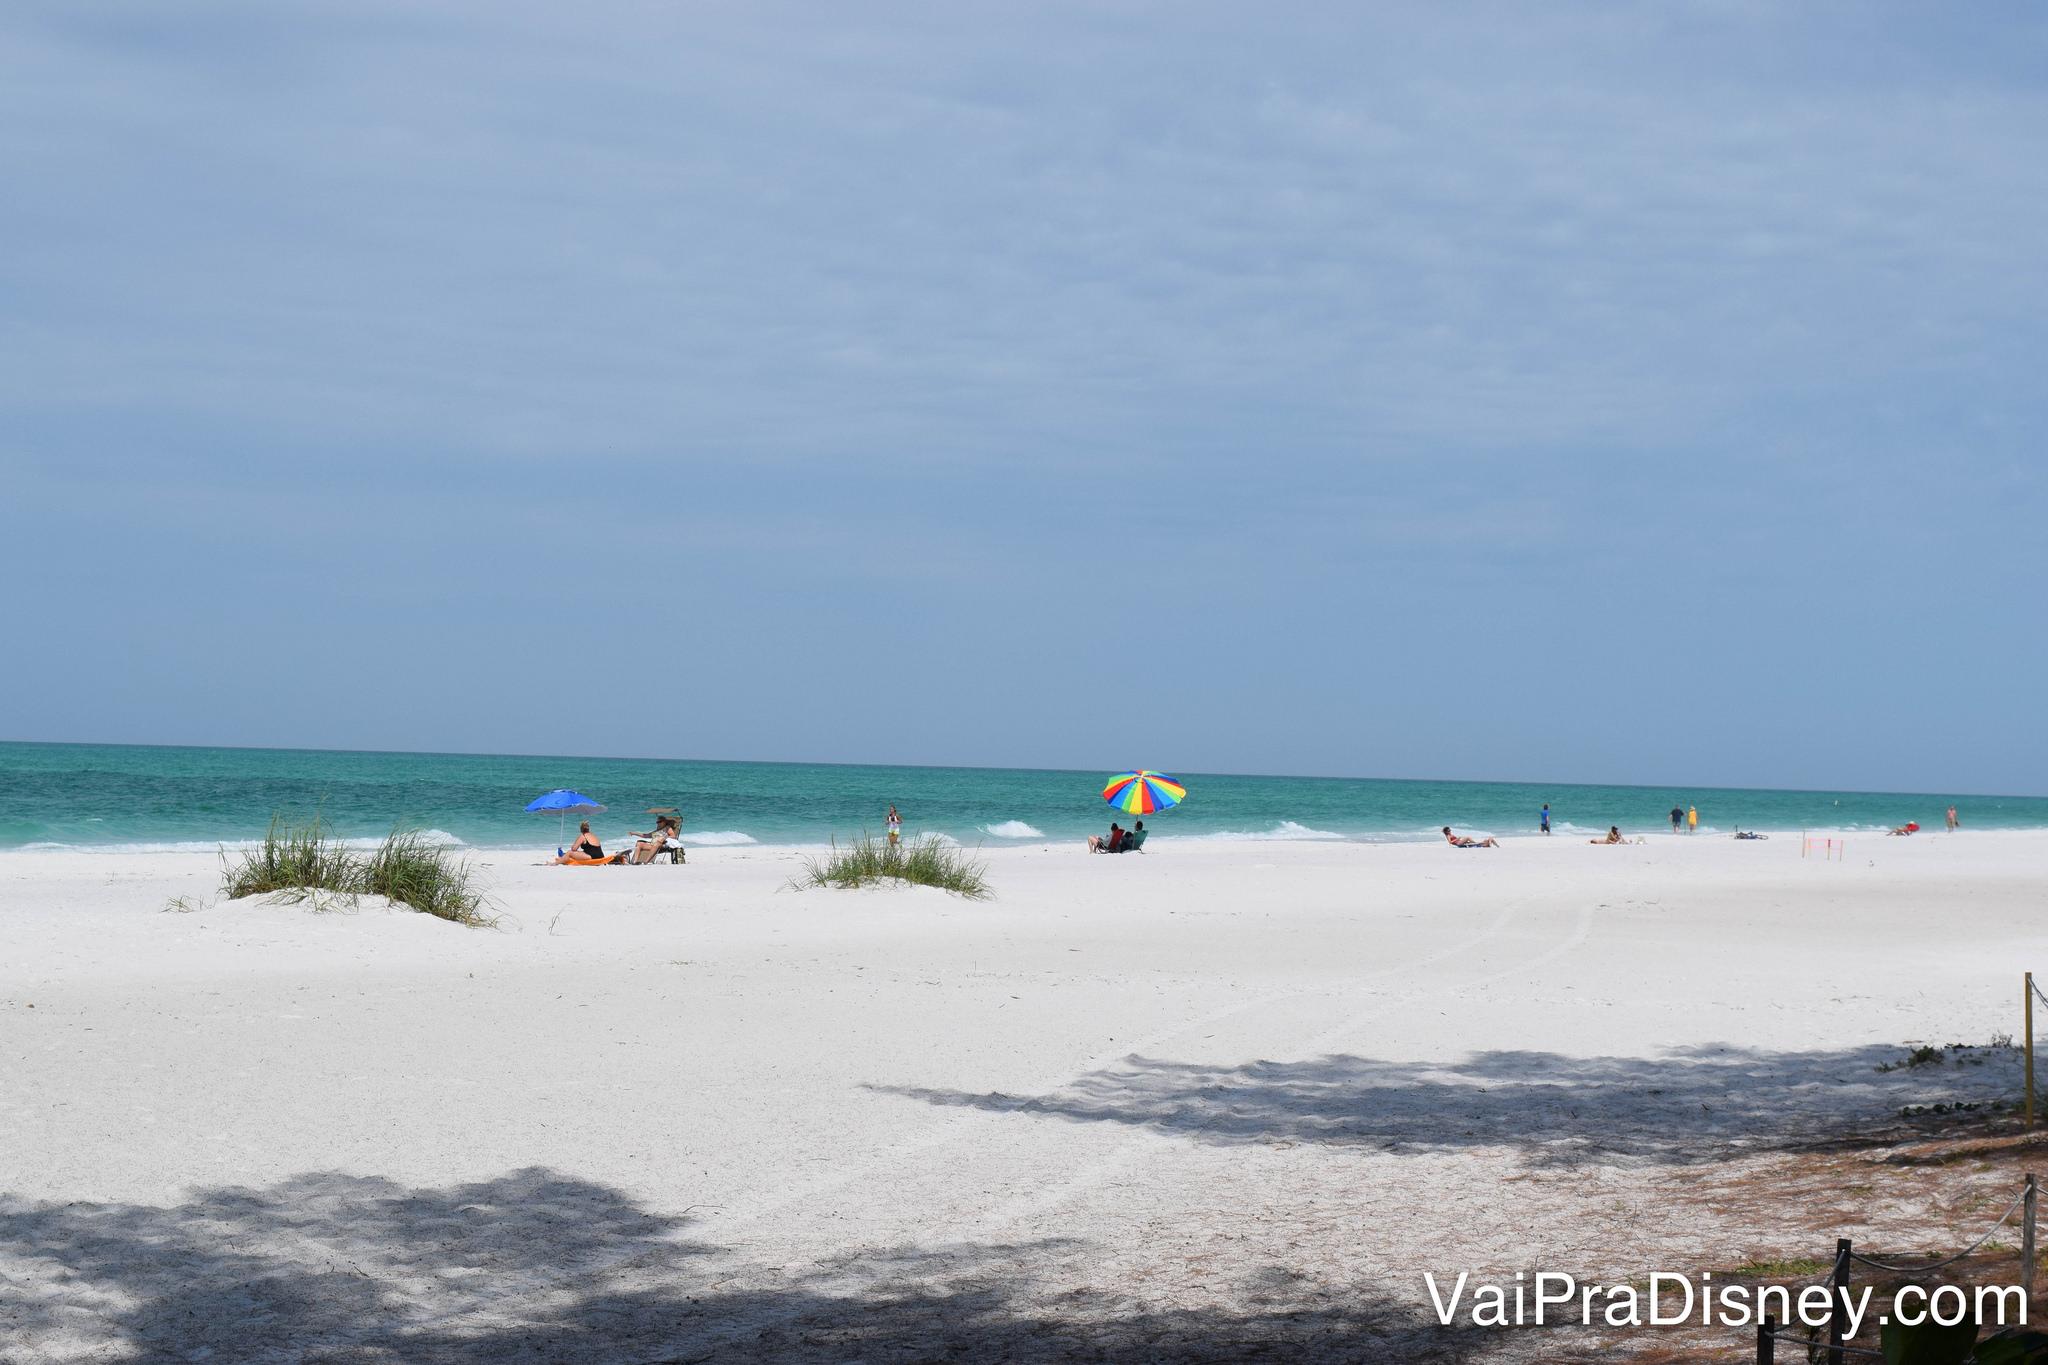 O calor da Flórida é uma delícia, mas nos meses mais quentes (como Julho) pode ser complicado para gestante.